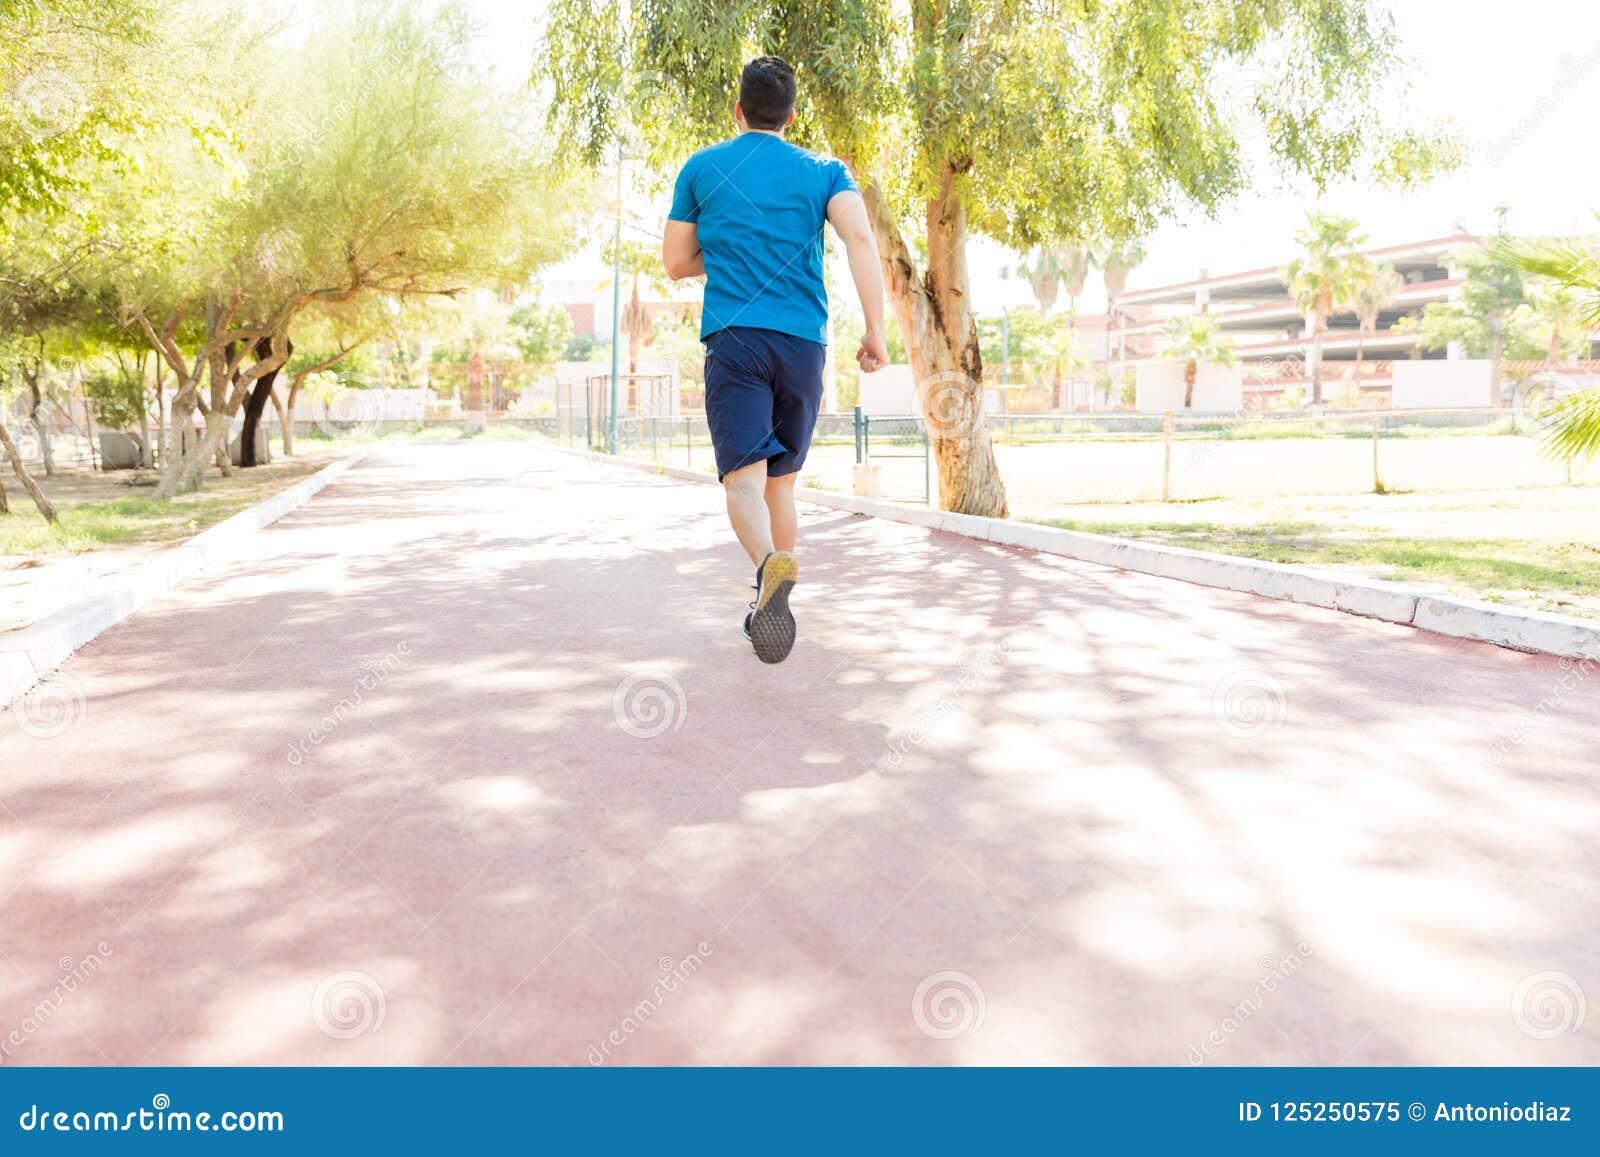 Мужской спортсмен Sprinting на дороге в парке